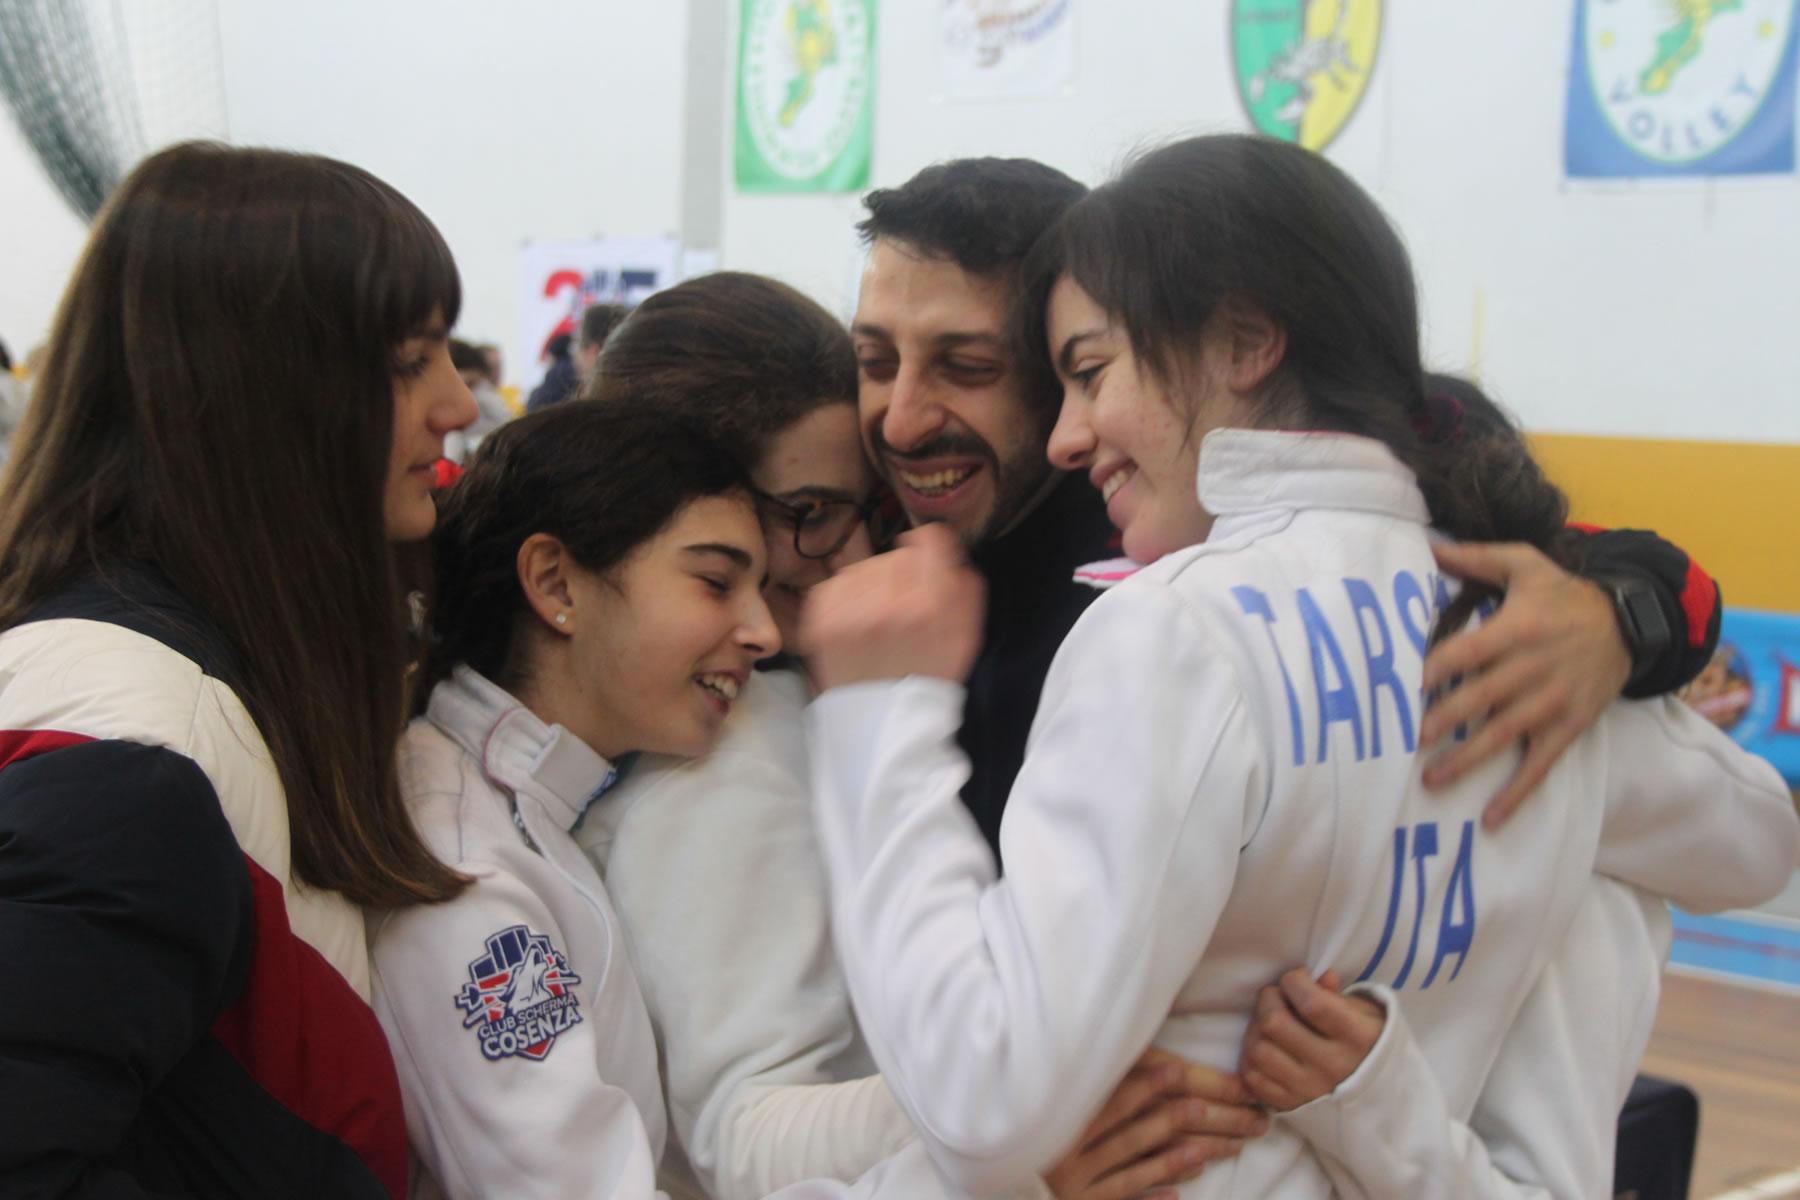 Campionato Serie C2 spada a squadre 2020: esultanza della squadra femminile